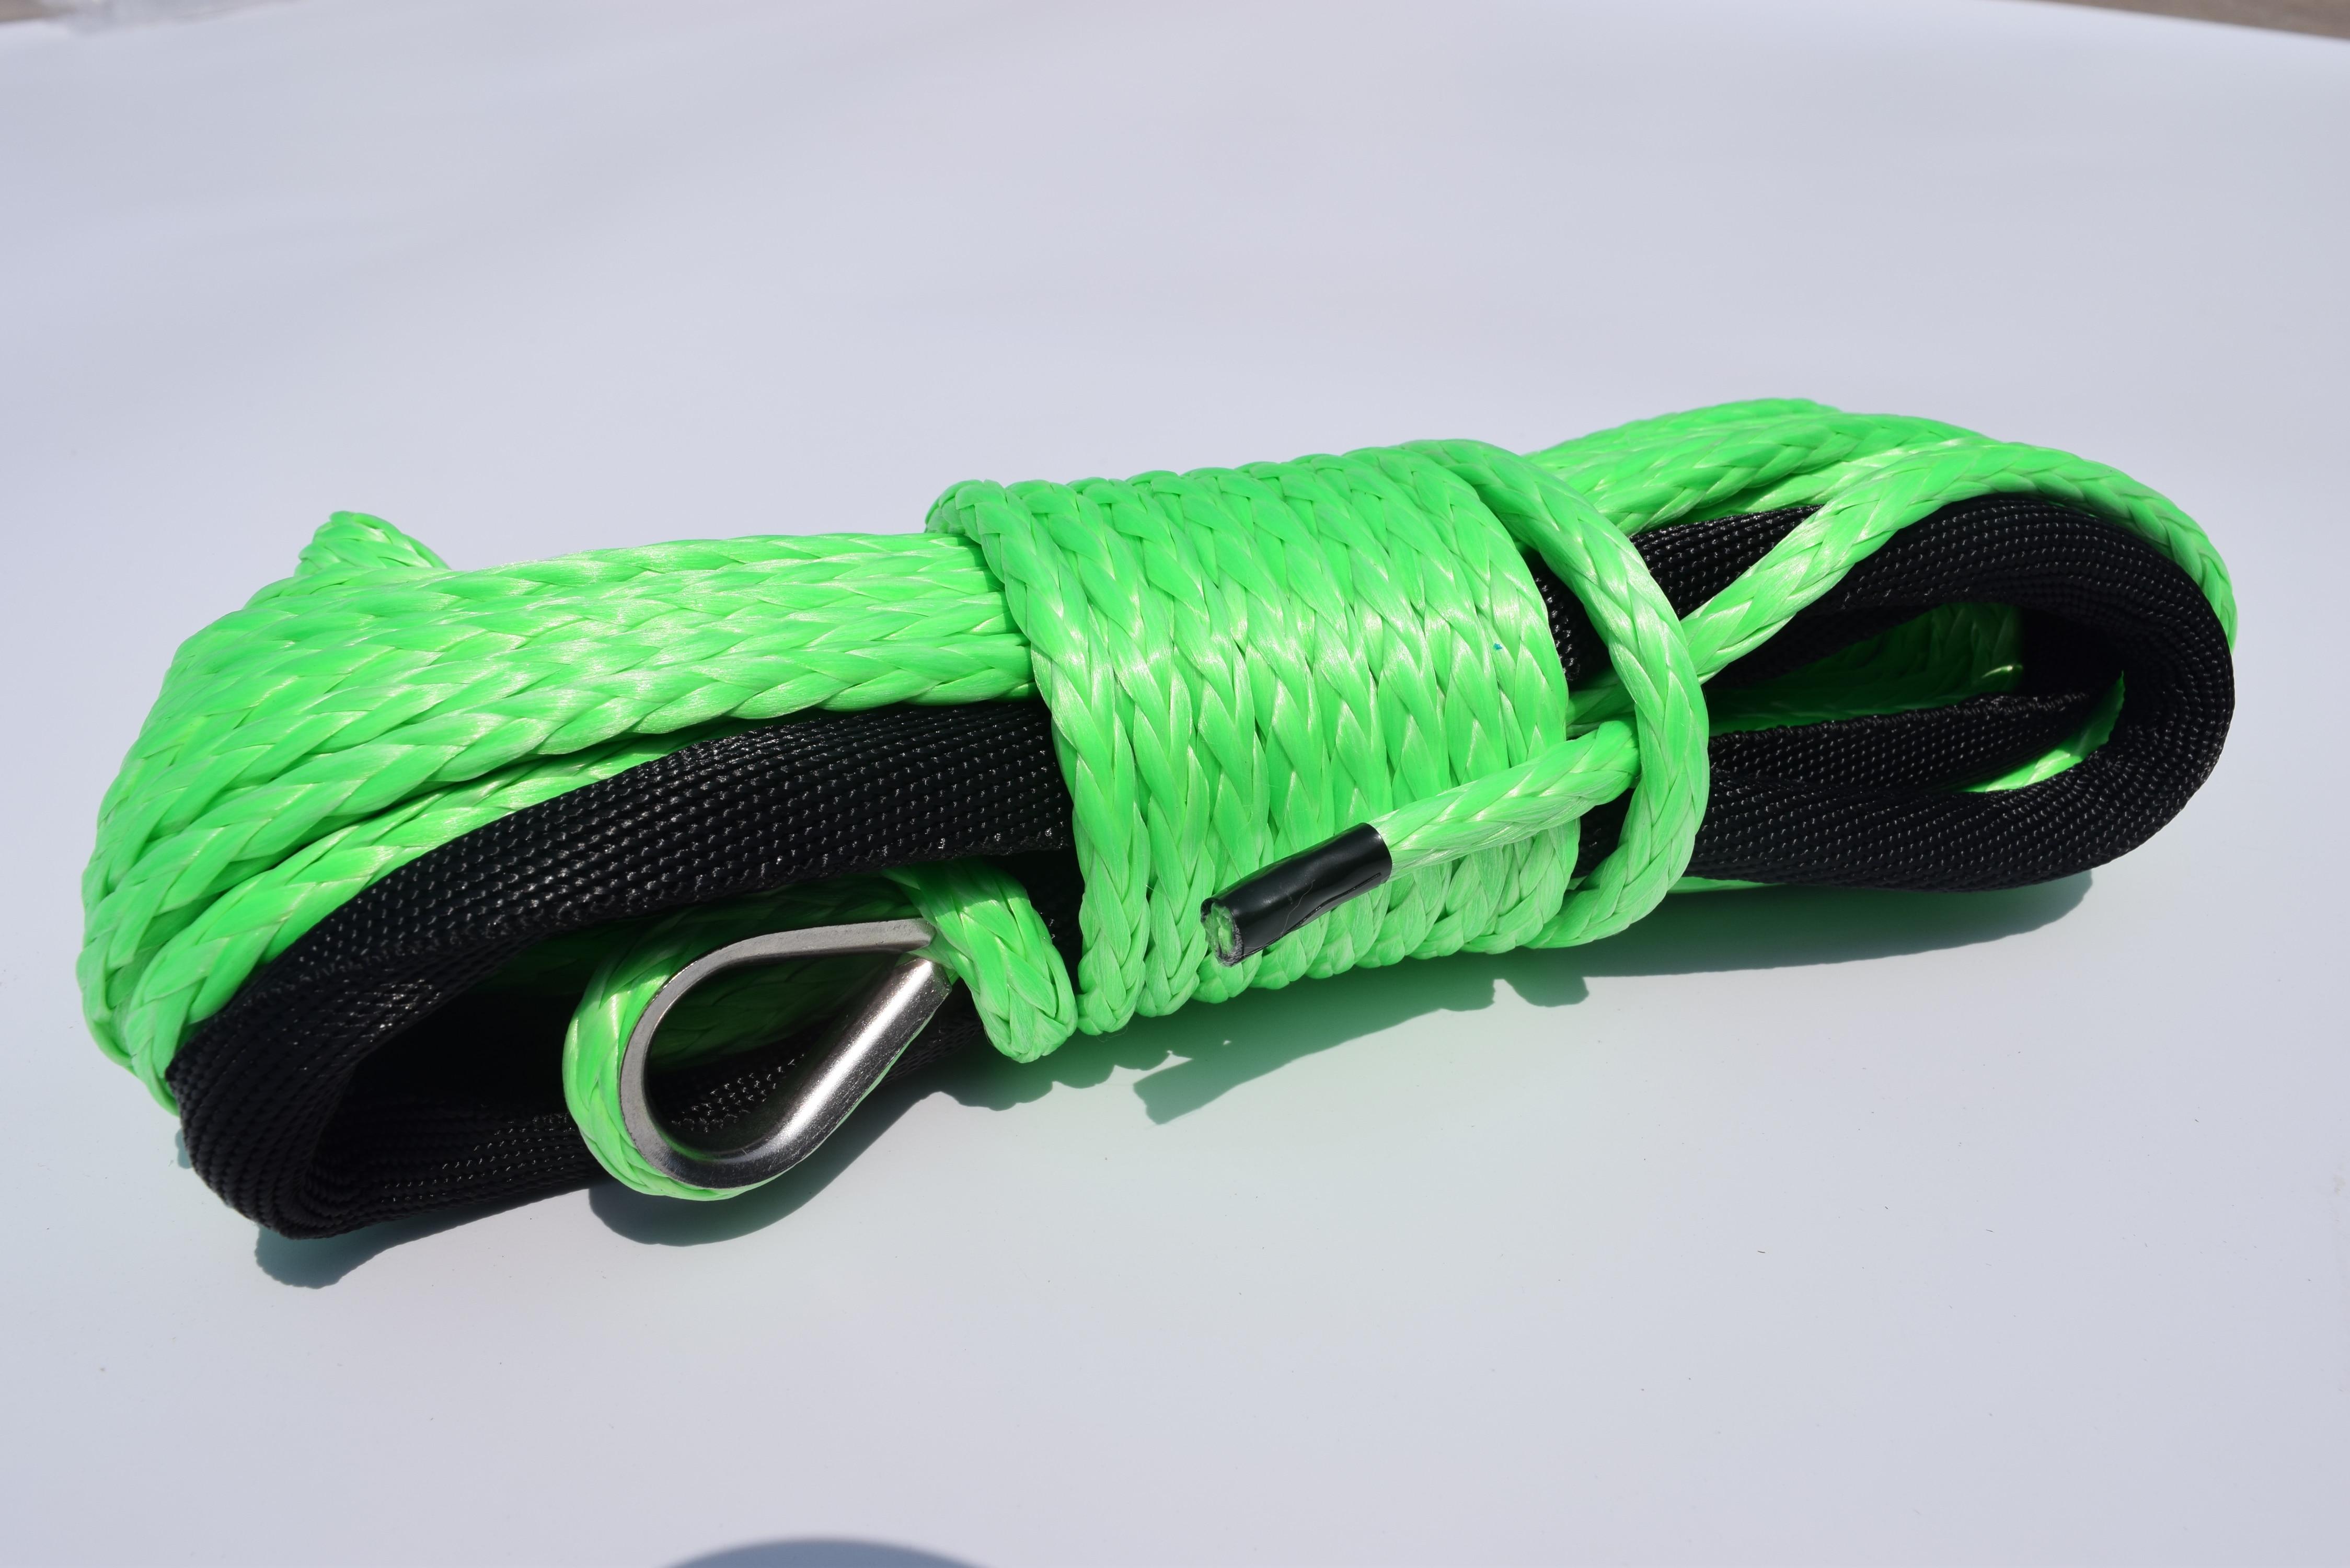 Envío Gratis cuerda de cabrestante sintética verde 6mm * 15m, Cable de cabrestante de barco, cuerda sintética 6mm, cuerda fuera de carretera